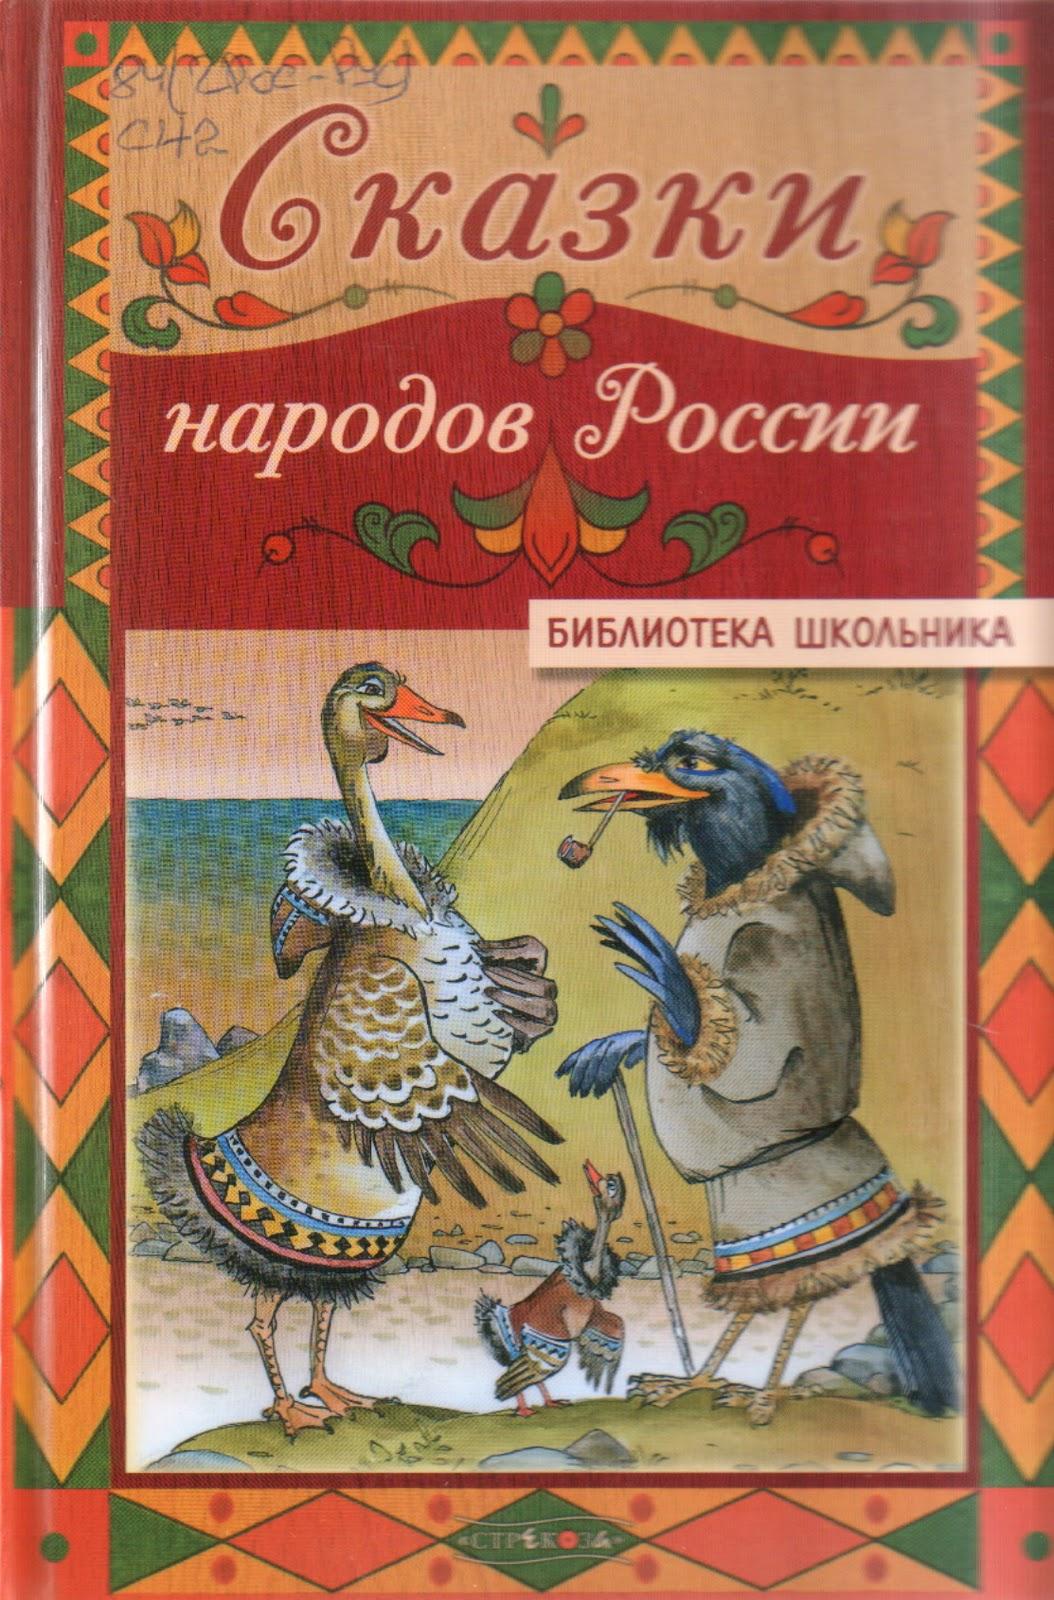 солнышко, картинки сказки народа россии нячанга бесплатно, указанием